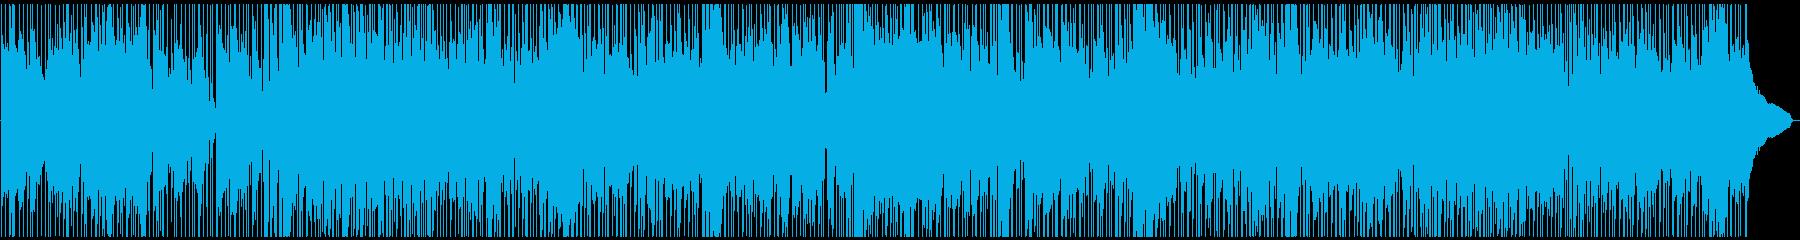 お洒落なクールジャズの再生済みの波形